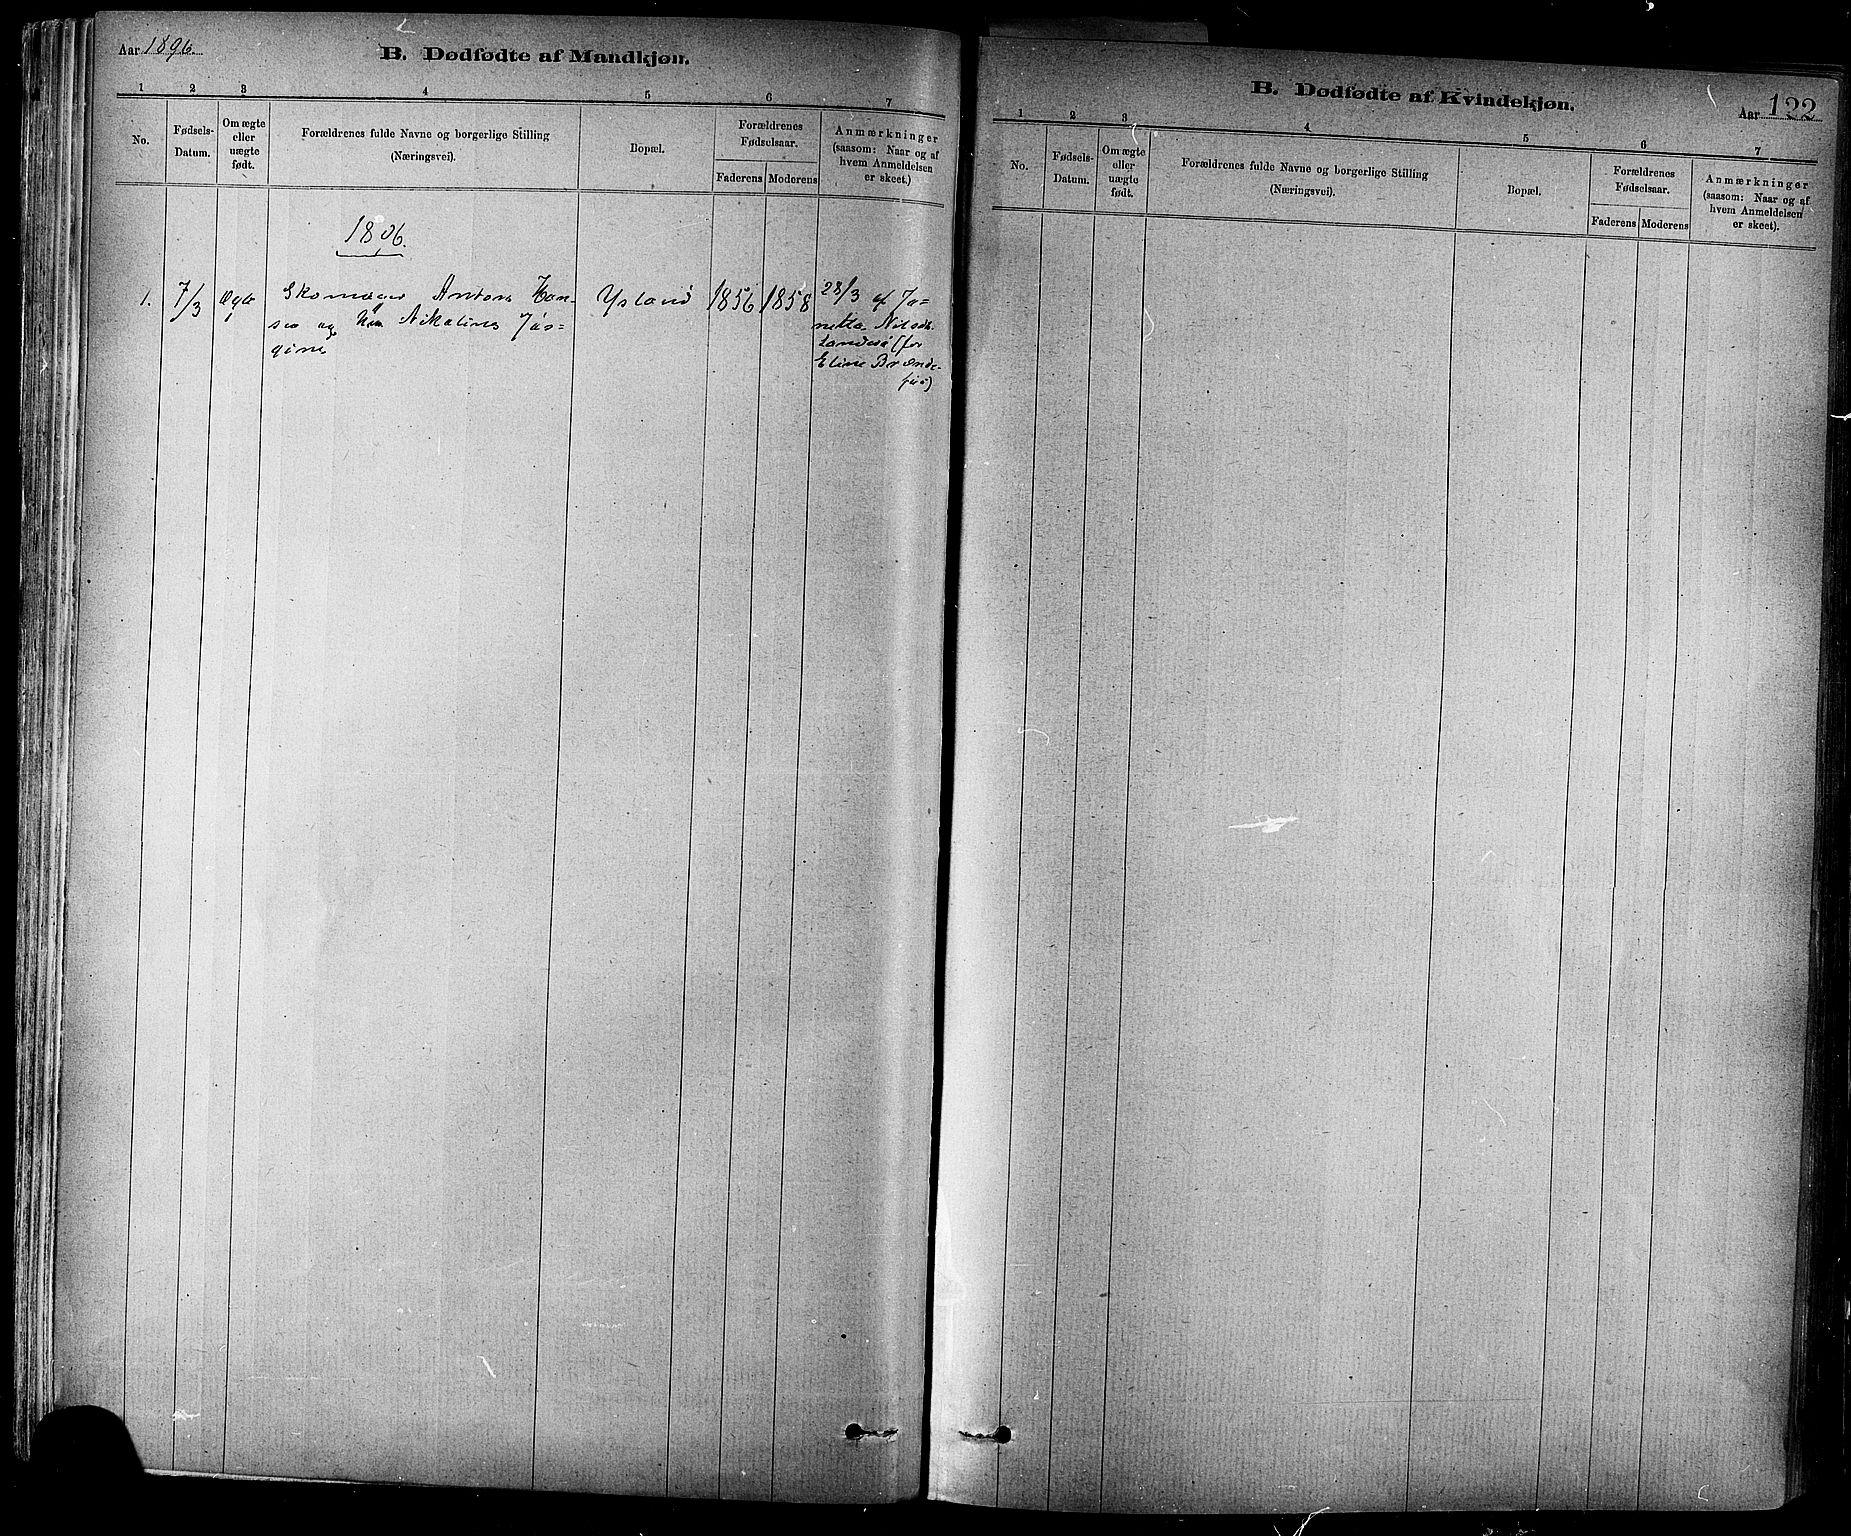 SAT, Ministerialprotokoller, klokkerbøker og fødselsregistre - Sør-Trøndelag, 647/L0634: Ministerialbok nr. 647A01, 1885-1896, s. 122